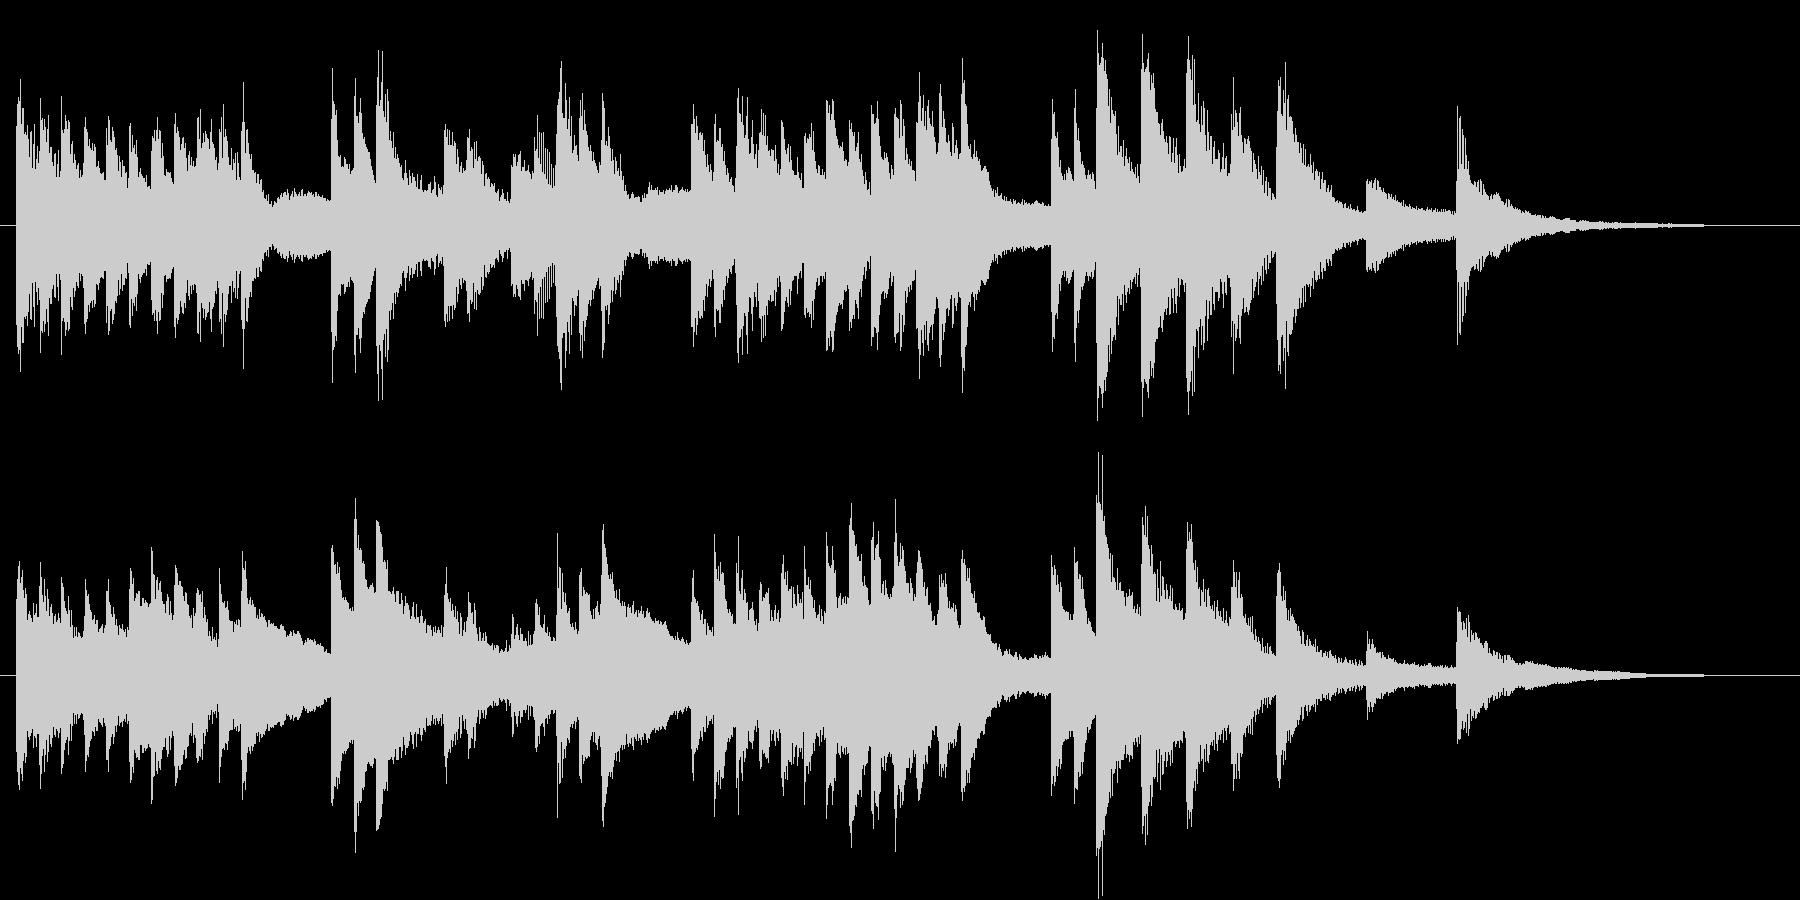 のどかで懐かしいメロディのピアノジングルの未再生の波形